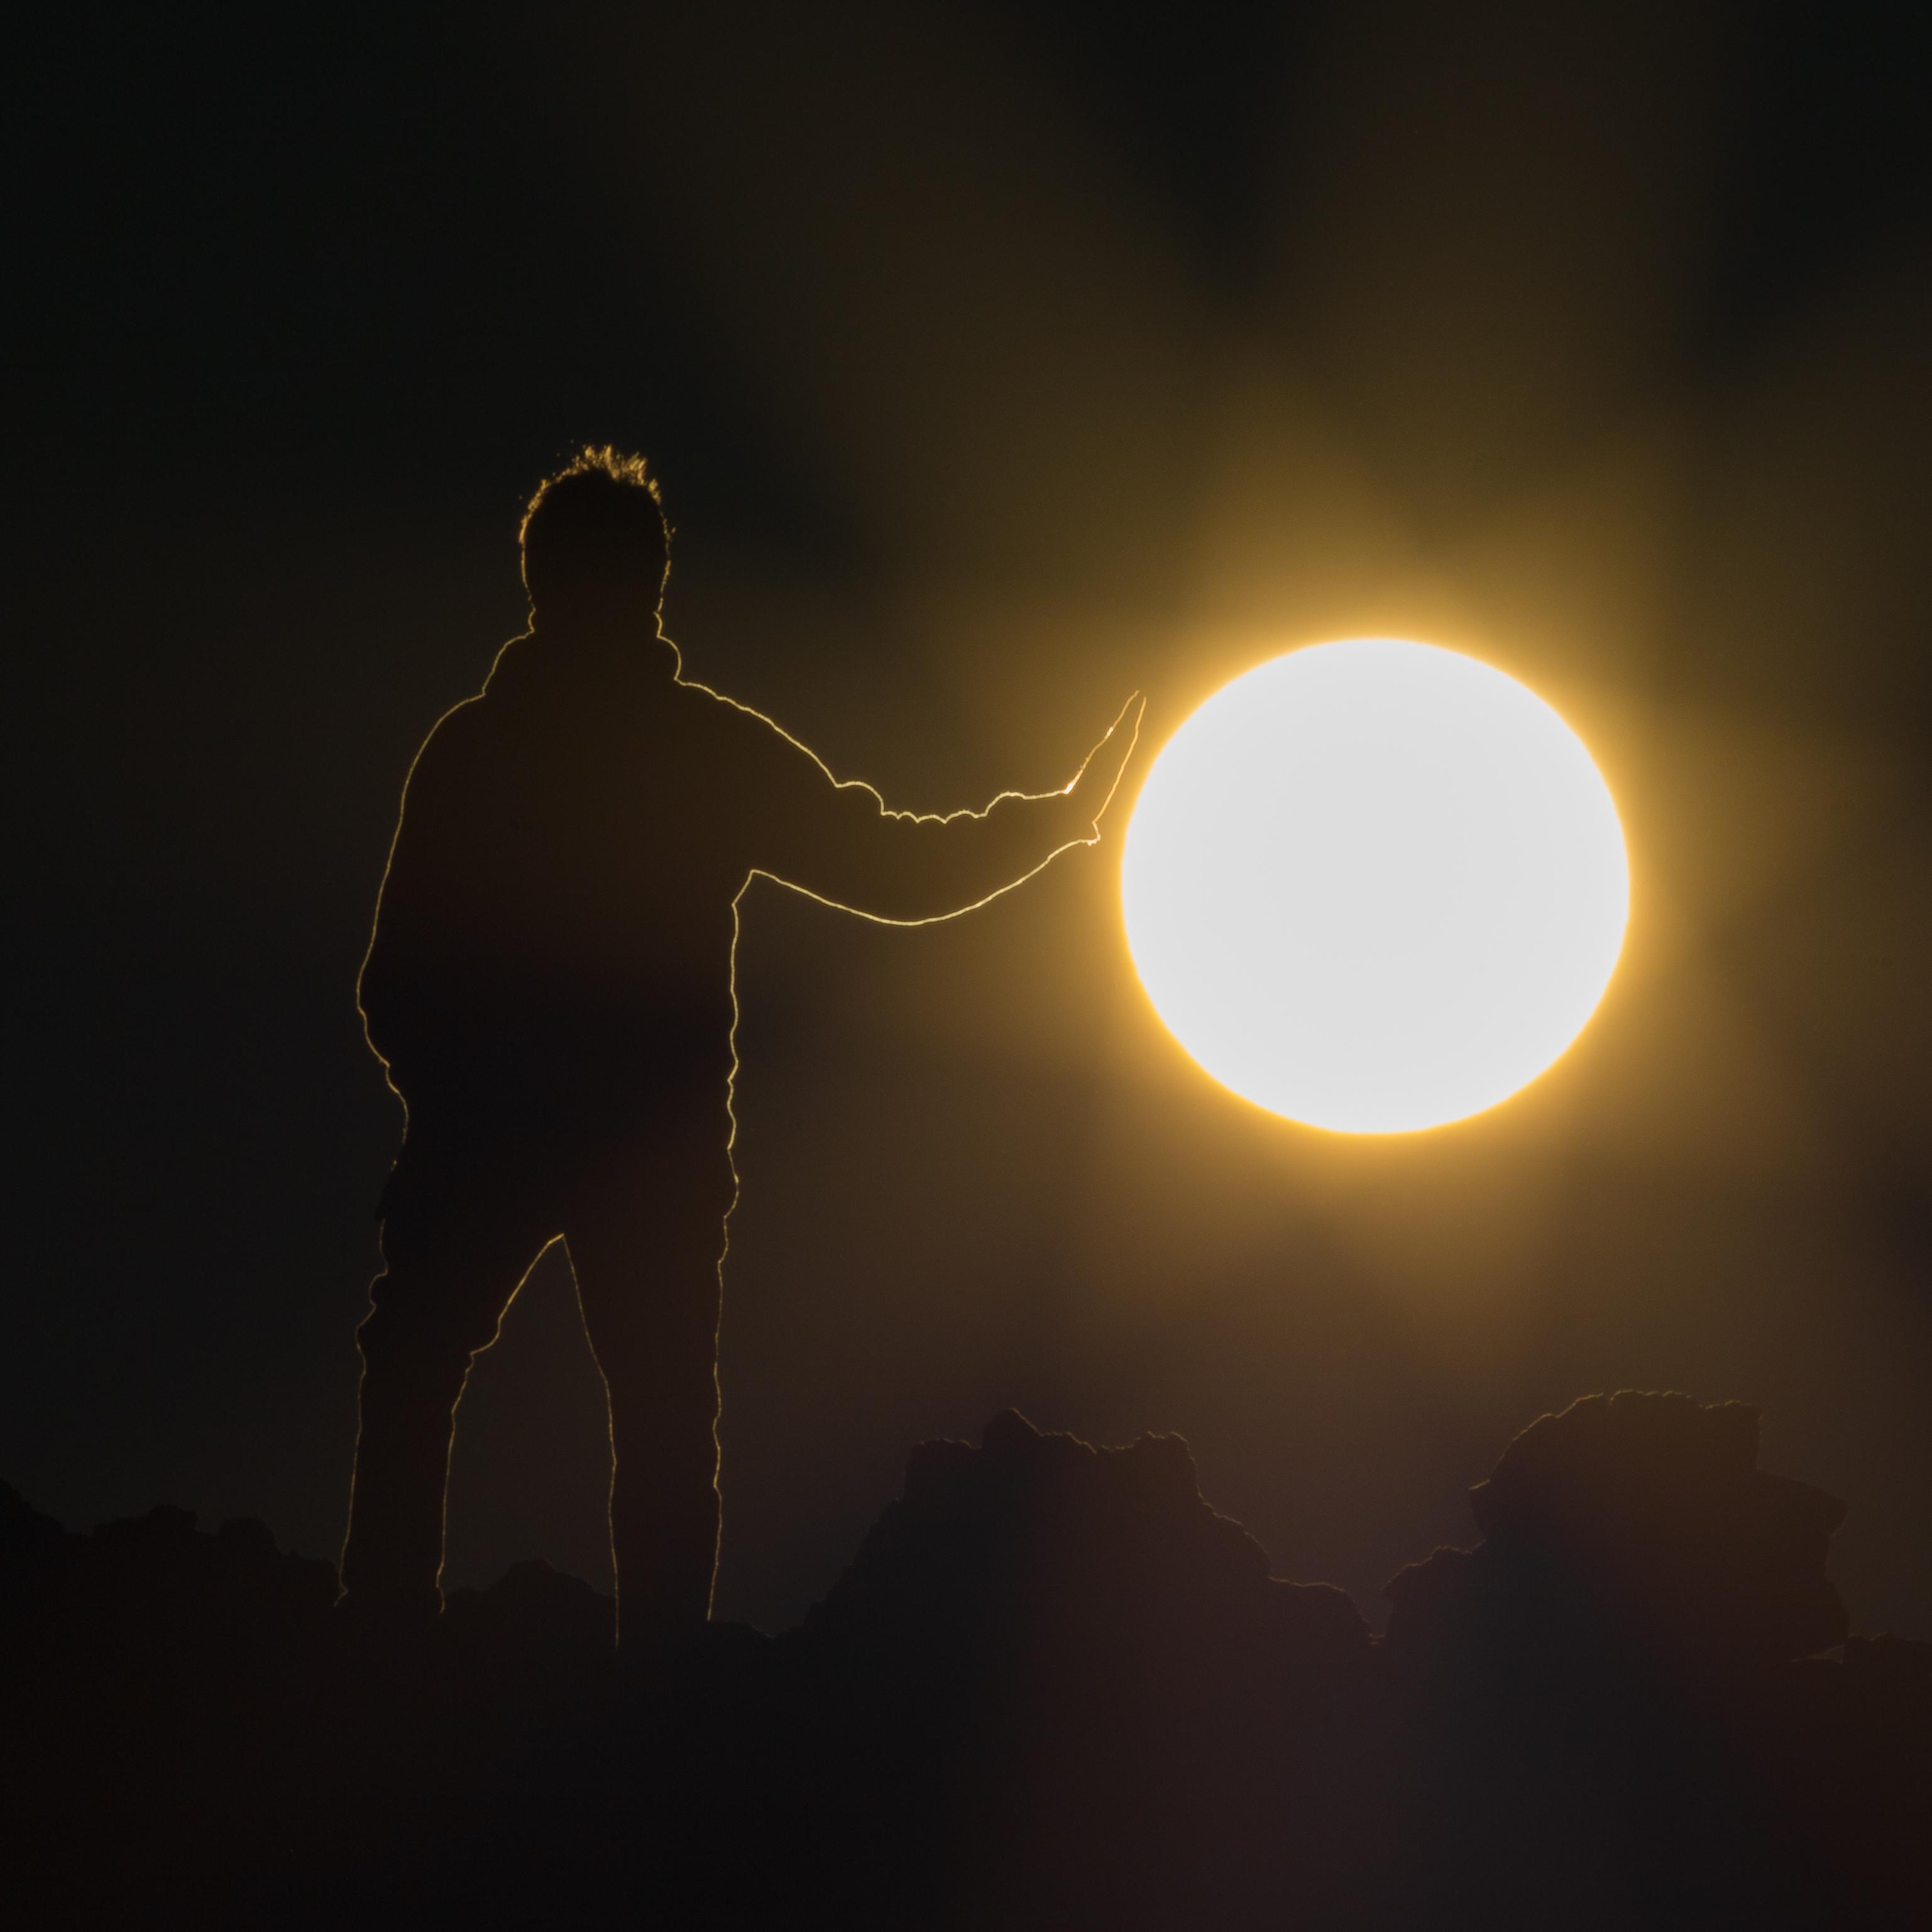 La Palma - Jouer avec le Soleil IMG_9221